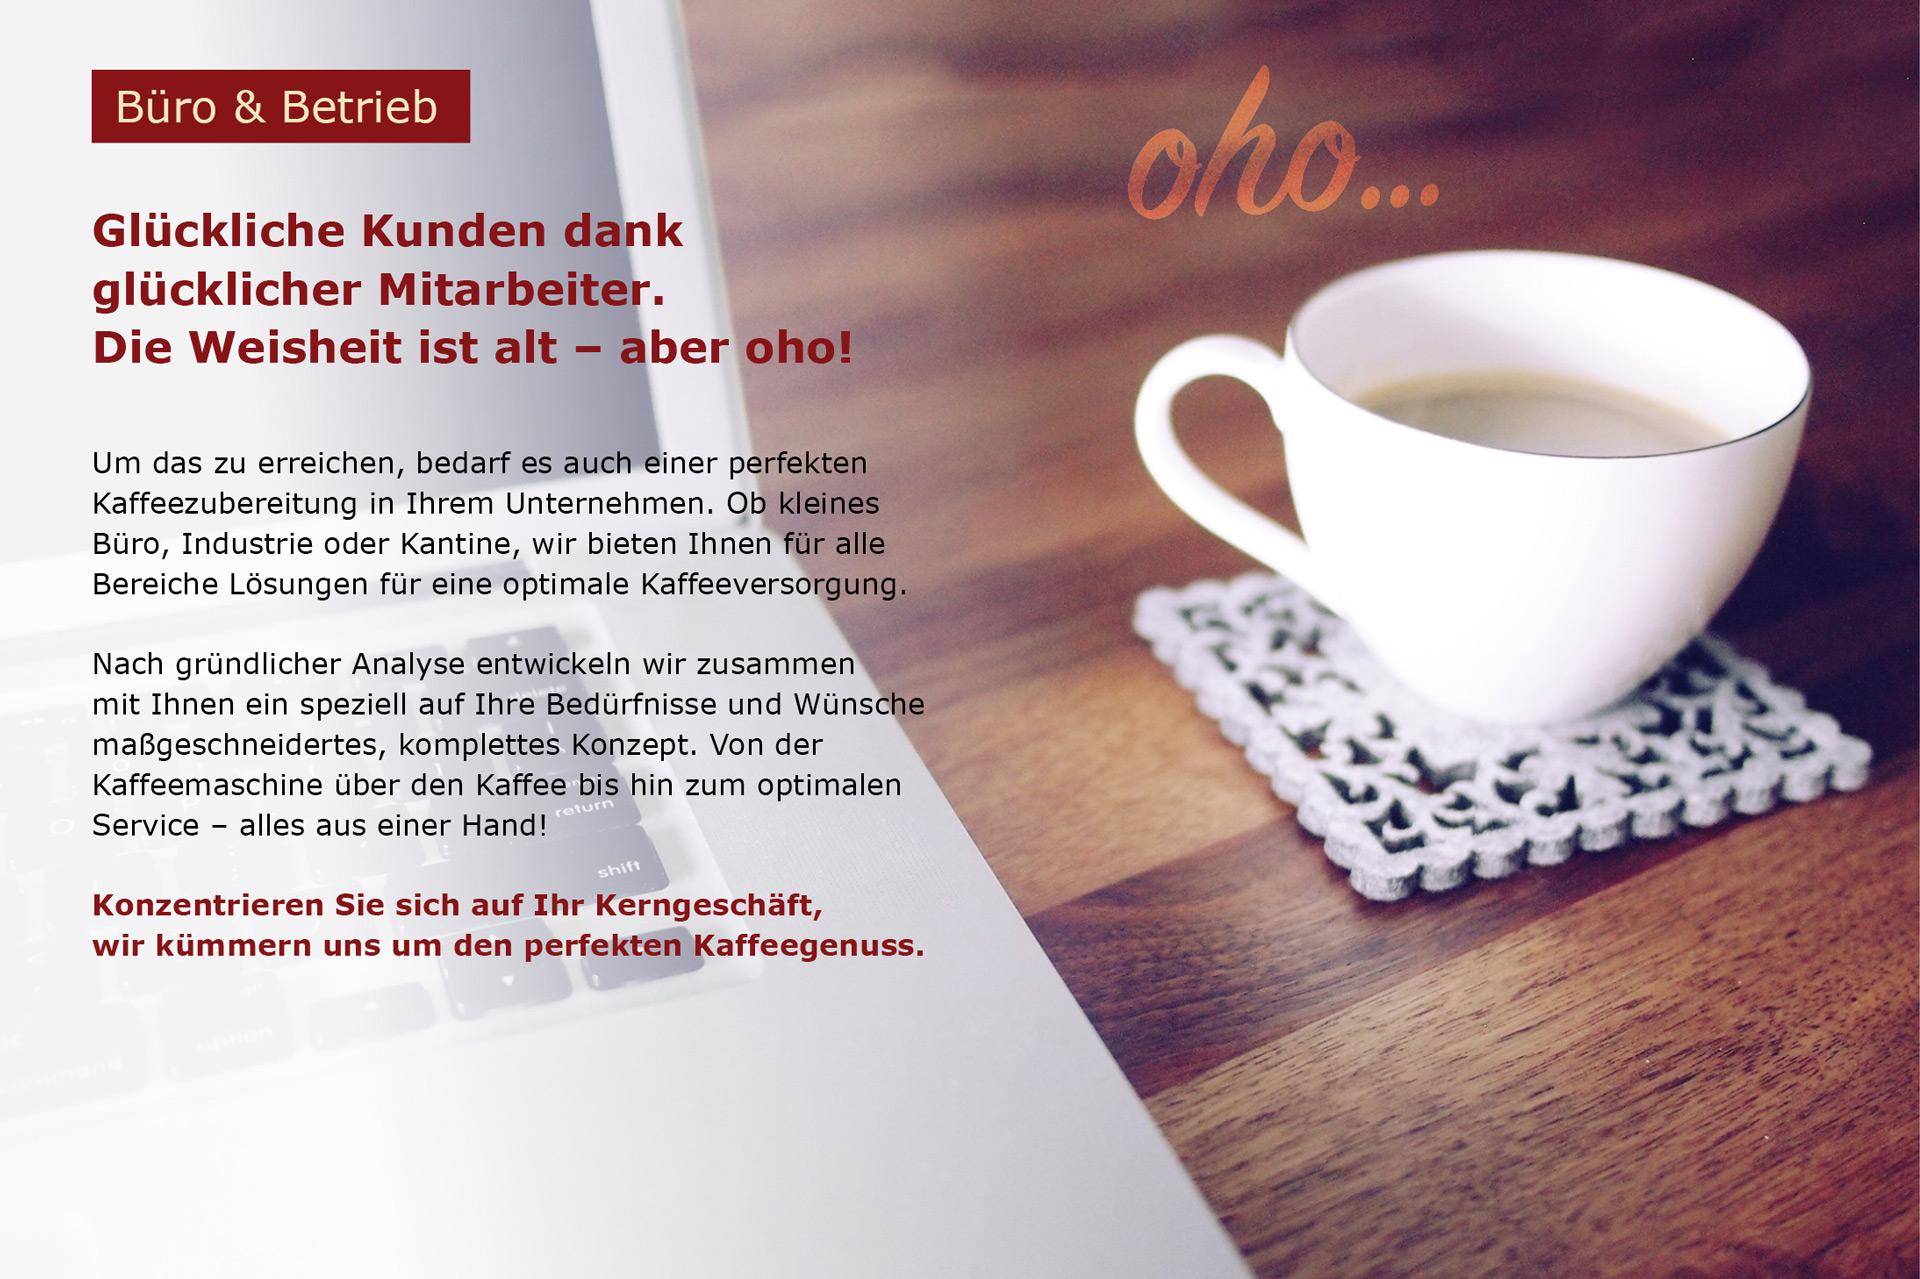 Ich such eine Kaffeemaschine für mein Büro oder Betrieb - cafeum GmbH Herbolzheim